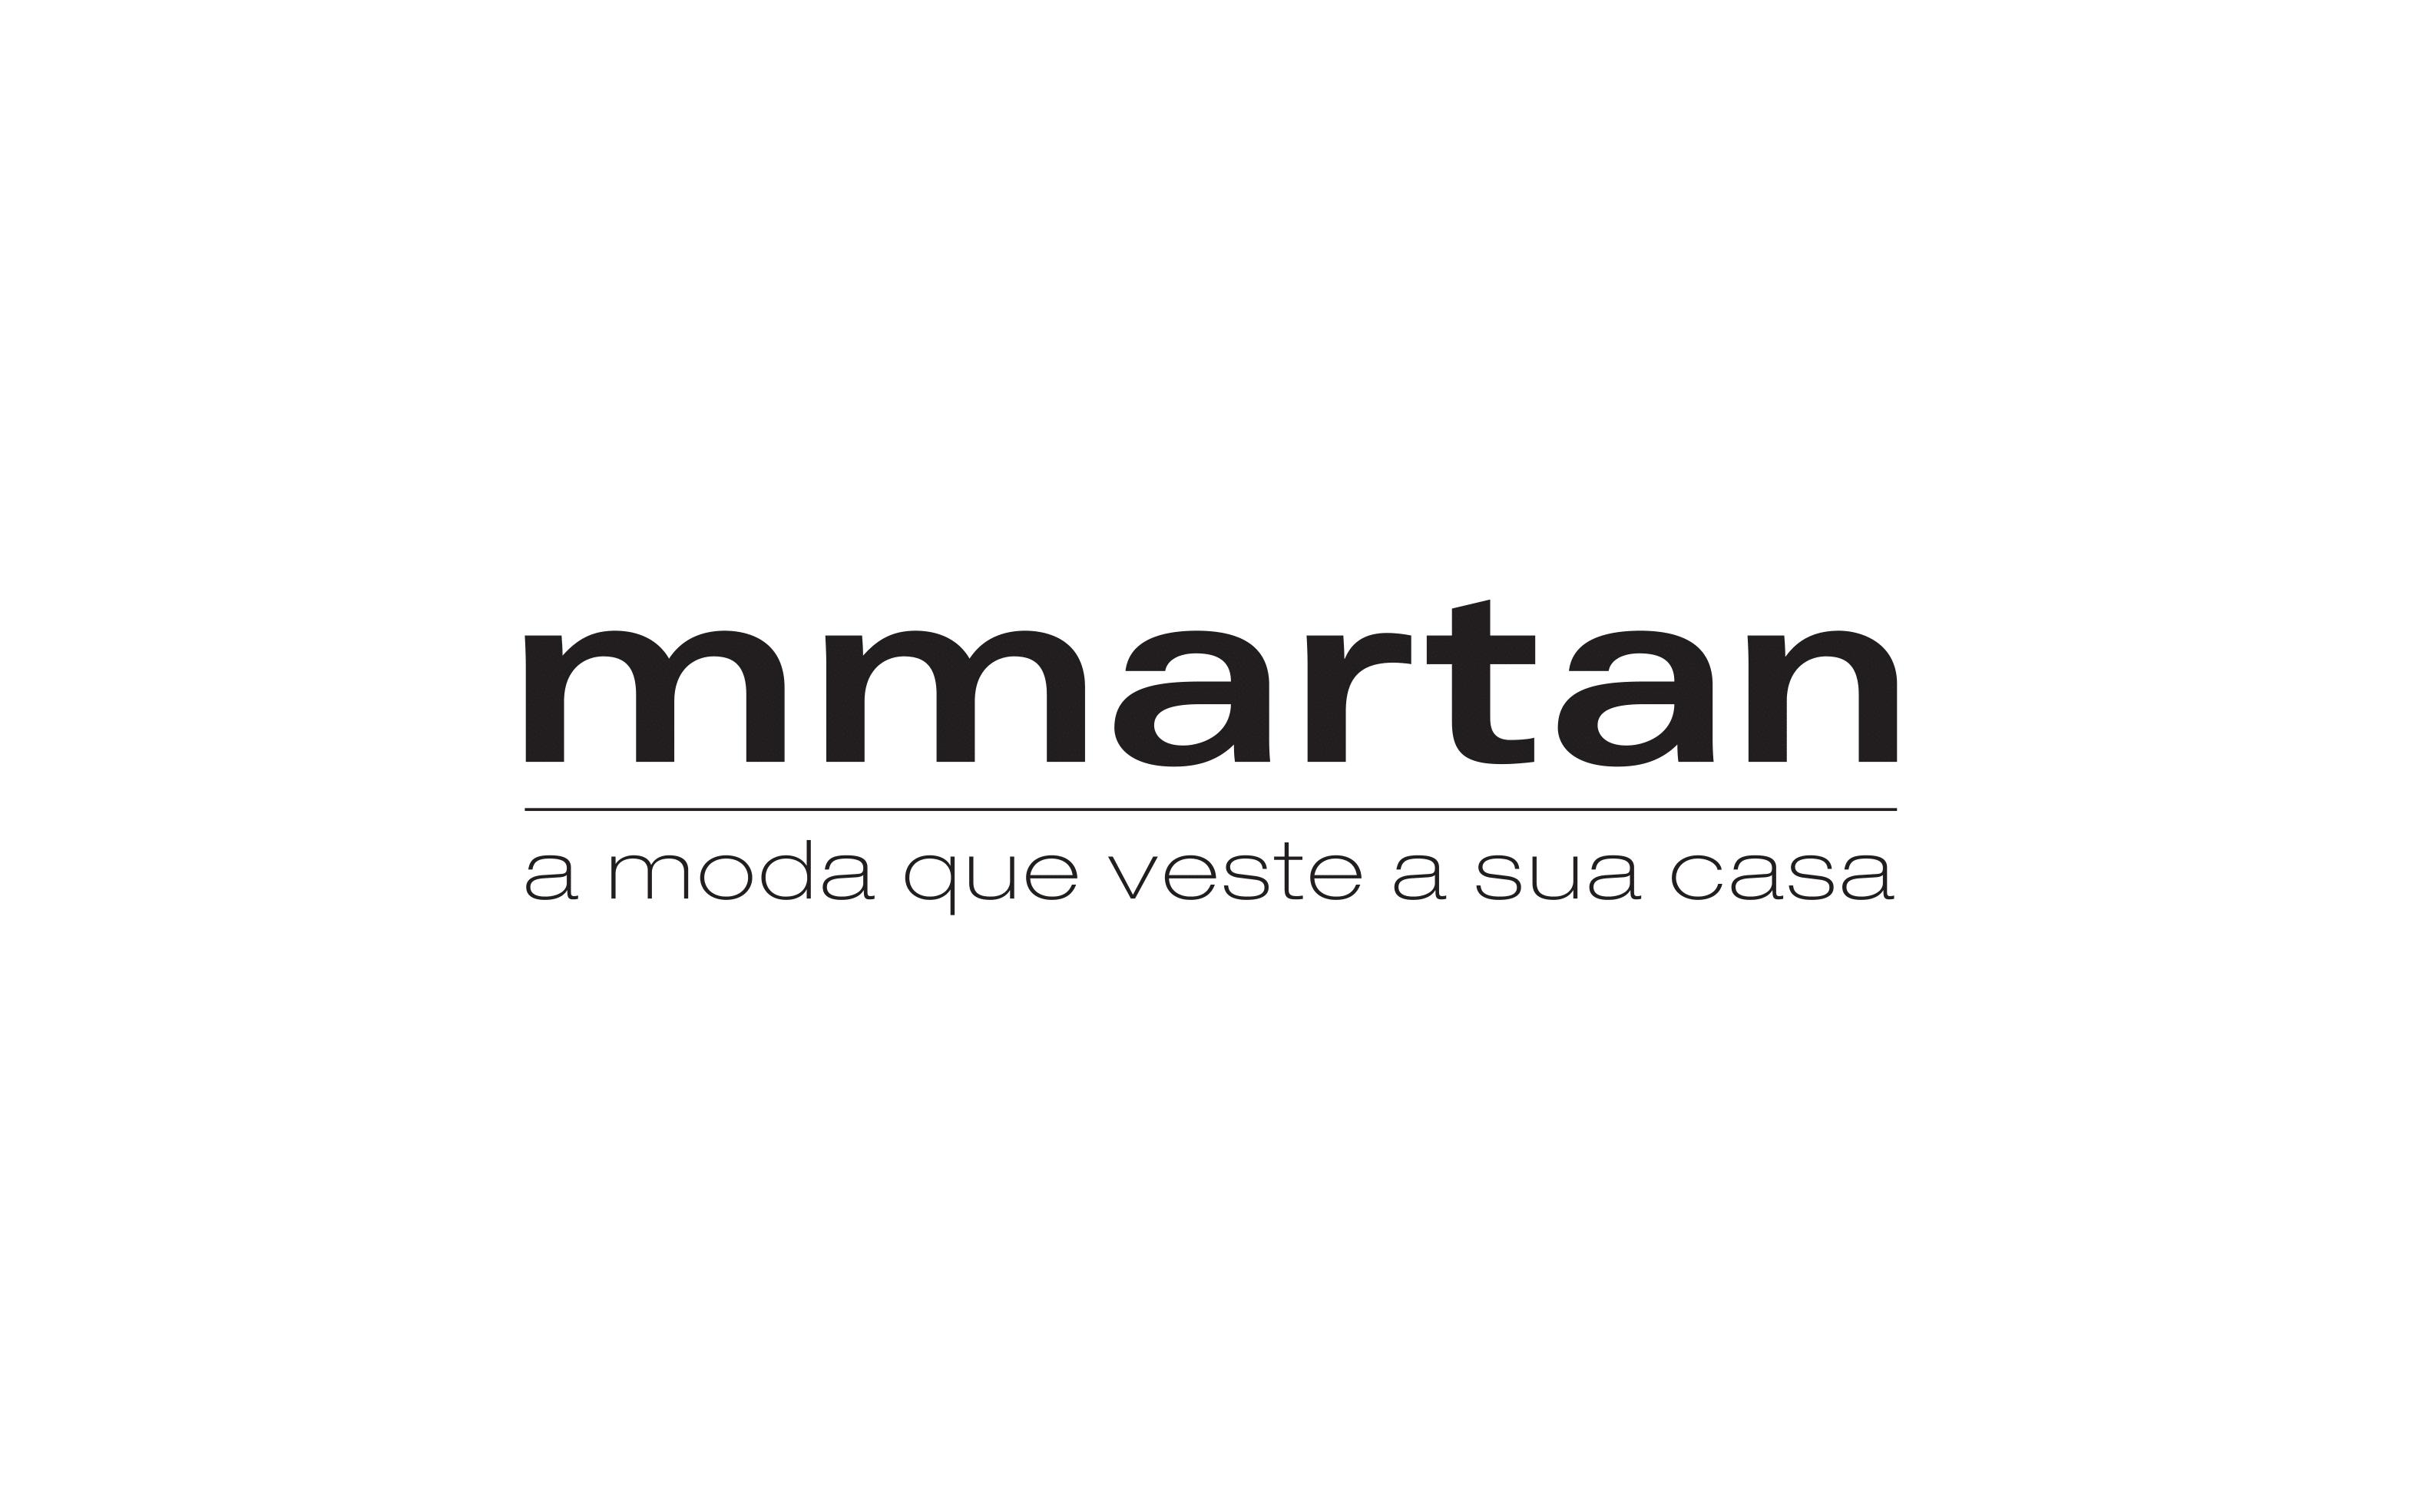 mmartan com slogan-1